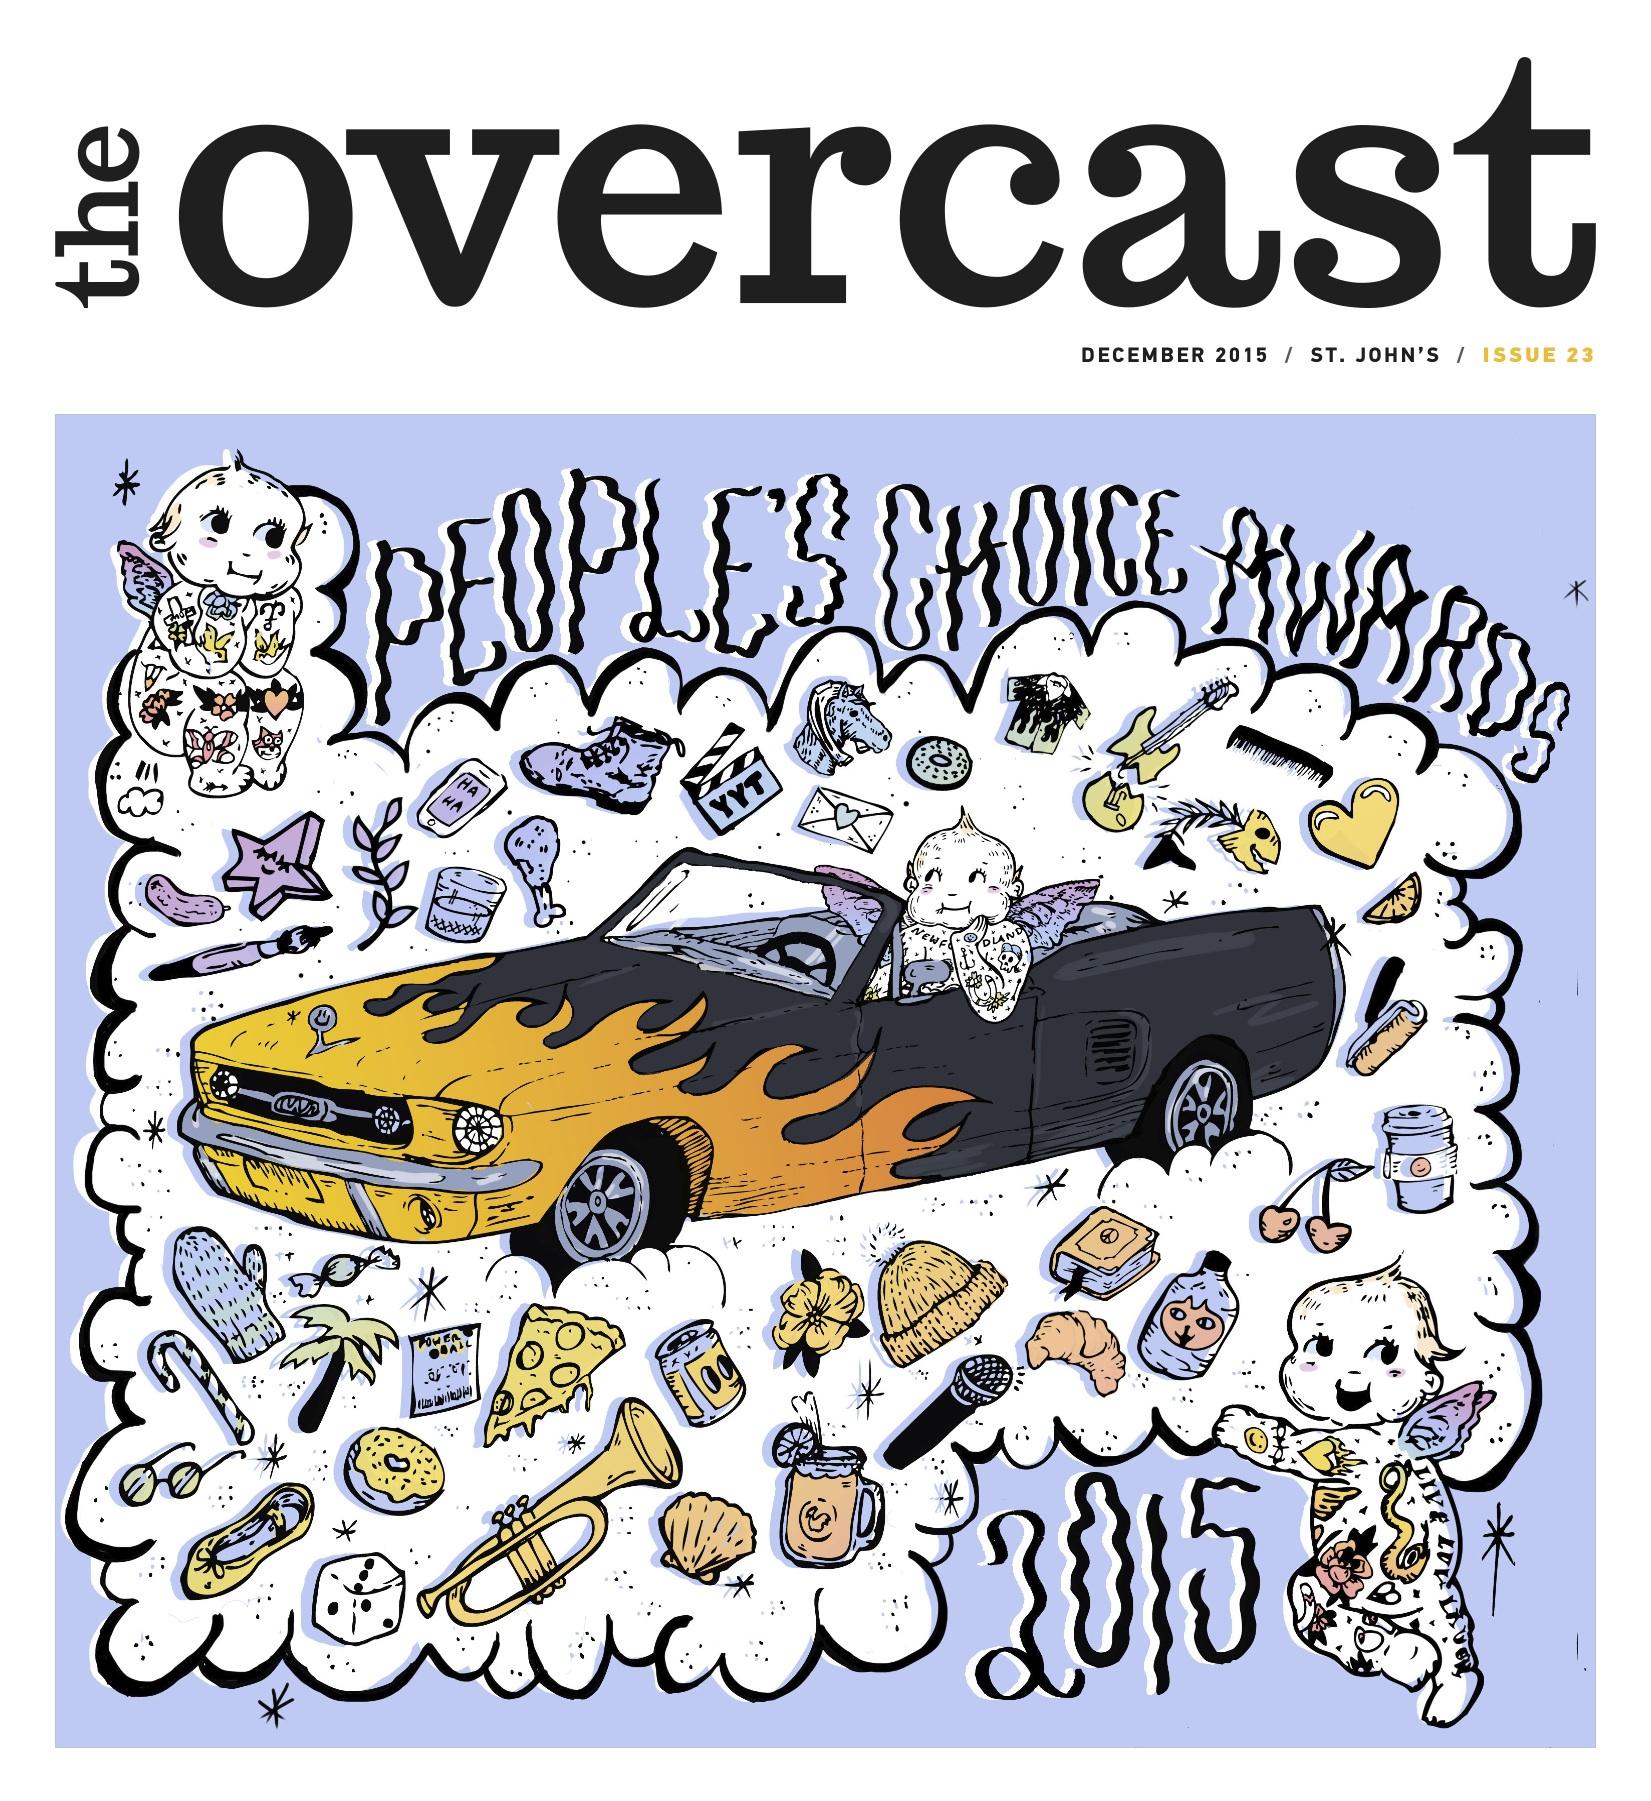 The-Overcast-December-2015-FA-1.jpg